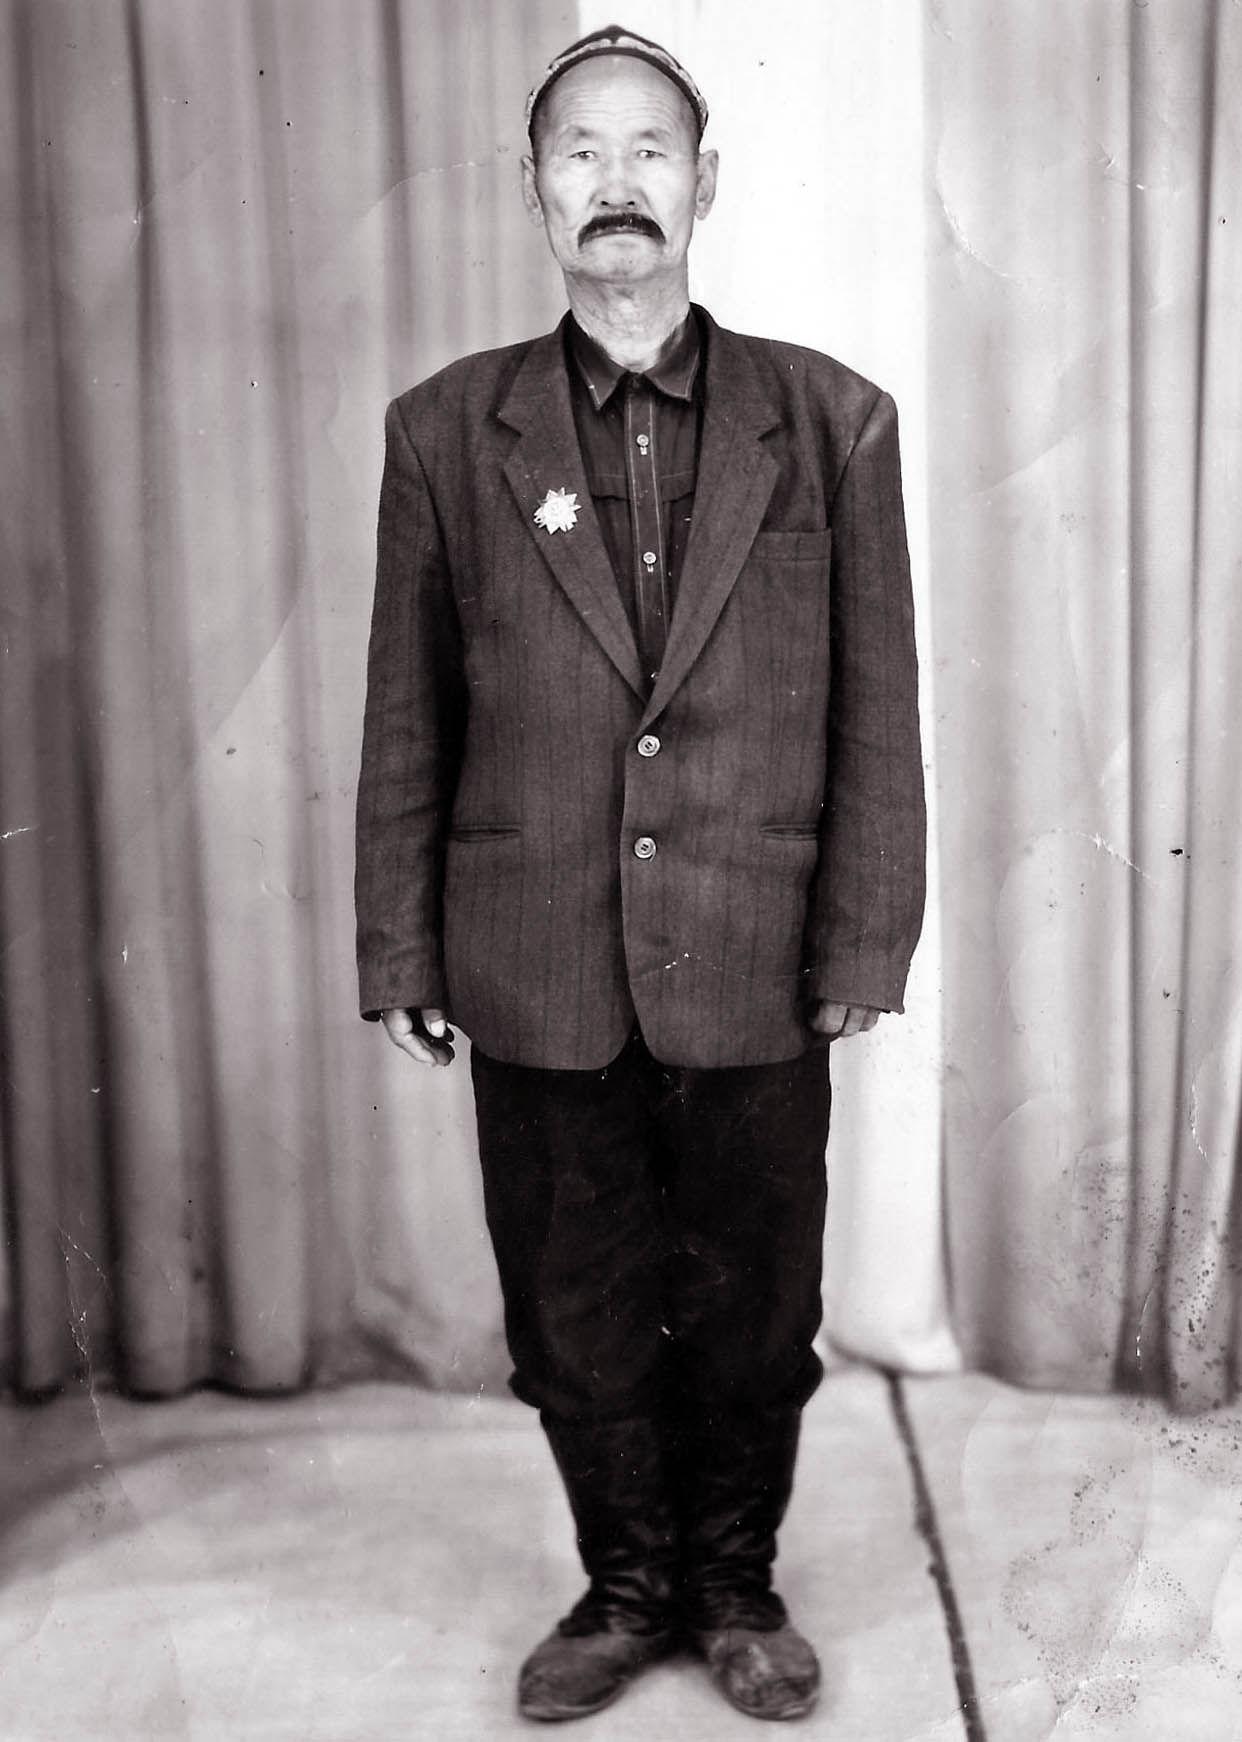 Ветеран Великой Отечественной войны Илемзаз Ливазов. Пржевальск 1985 год